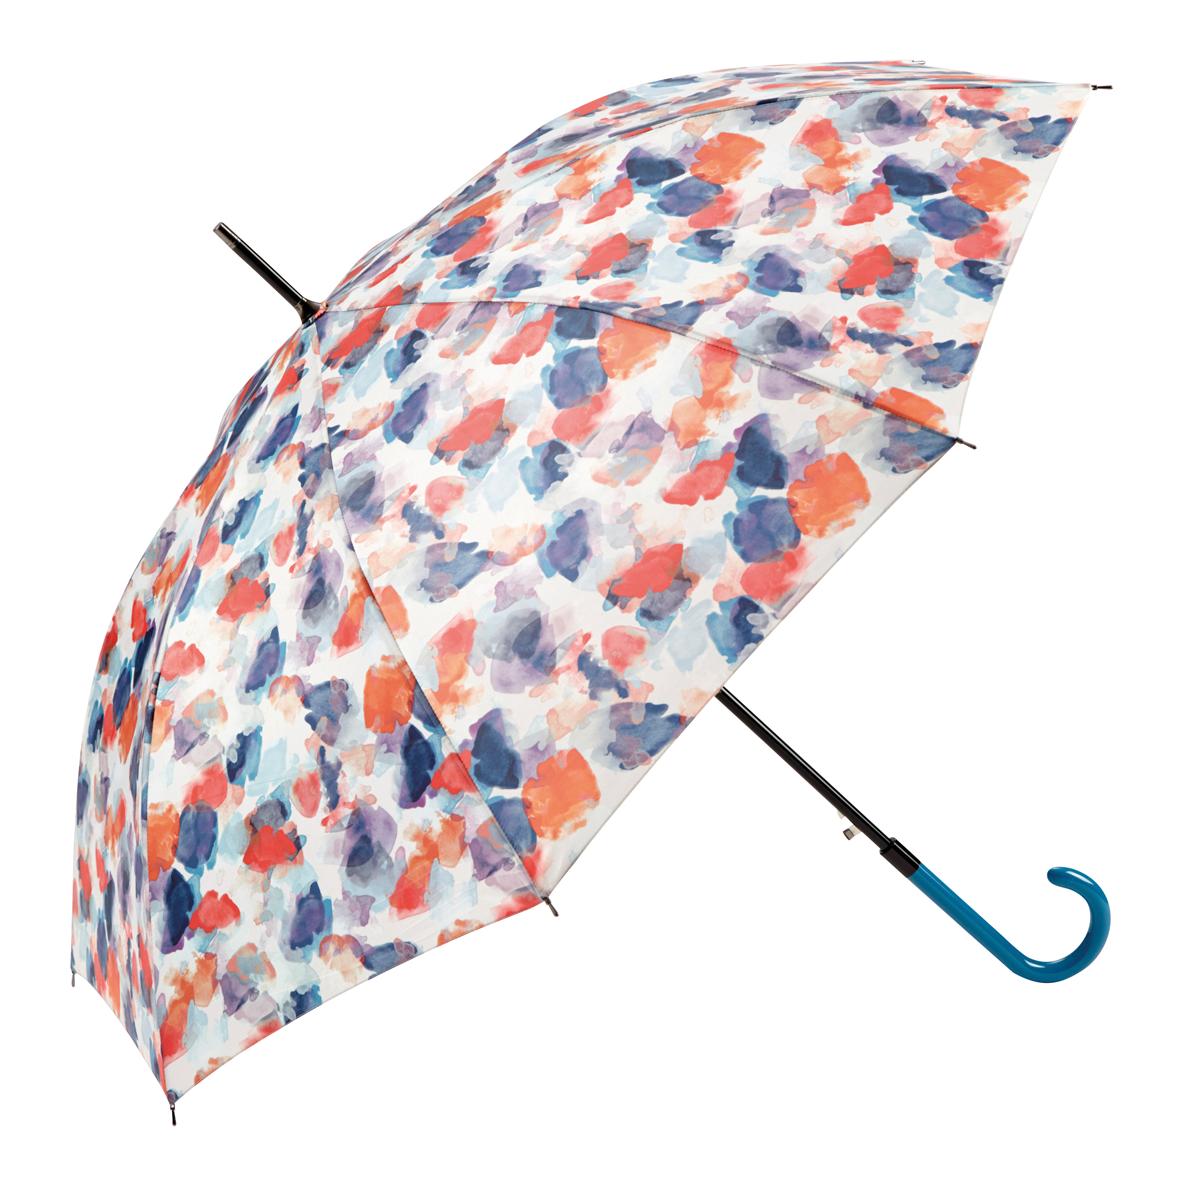 costo moderado gran surtido lista nueva Paraguas artesanos que viajan al mundo | Euskal Herria | Naiz